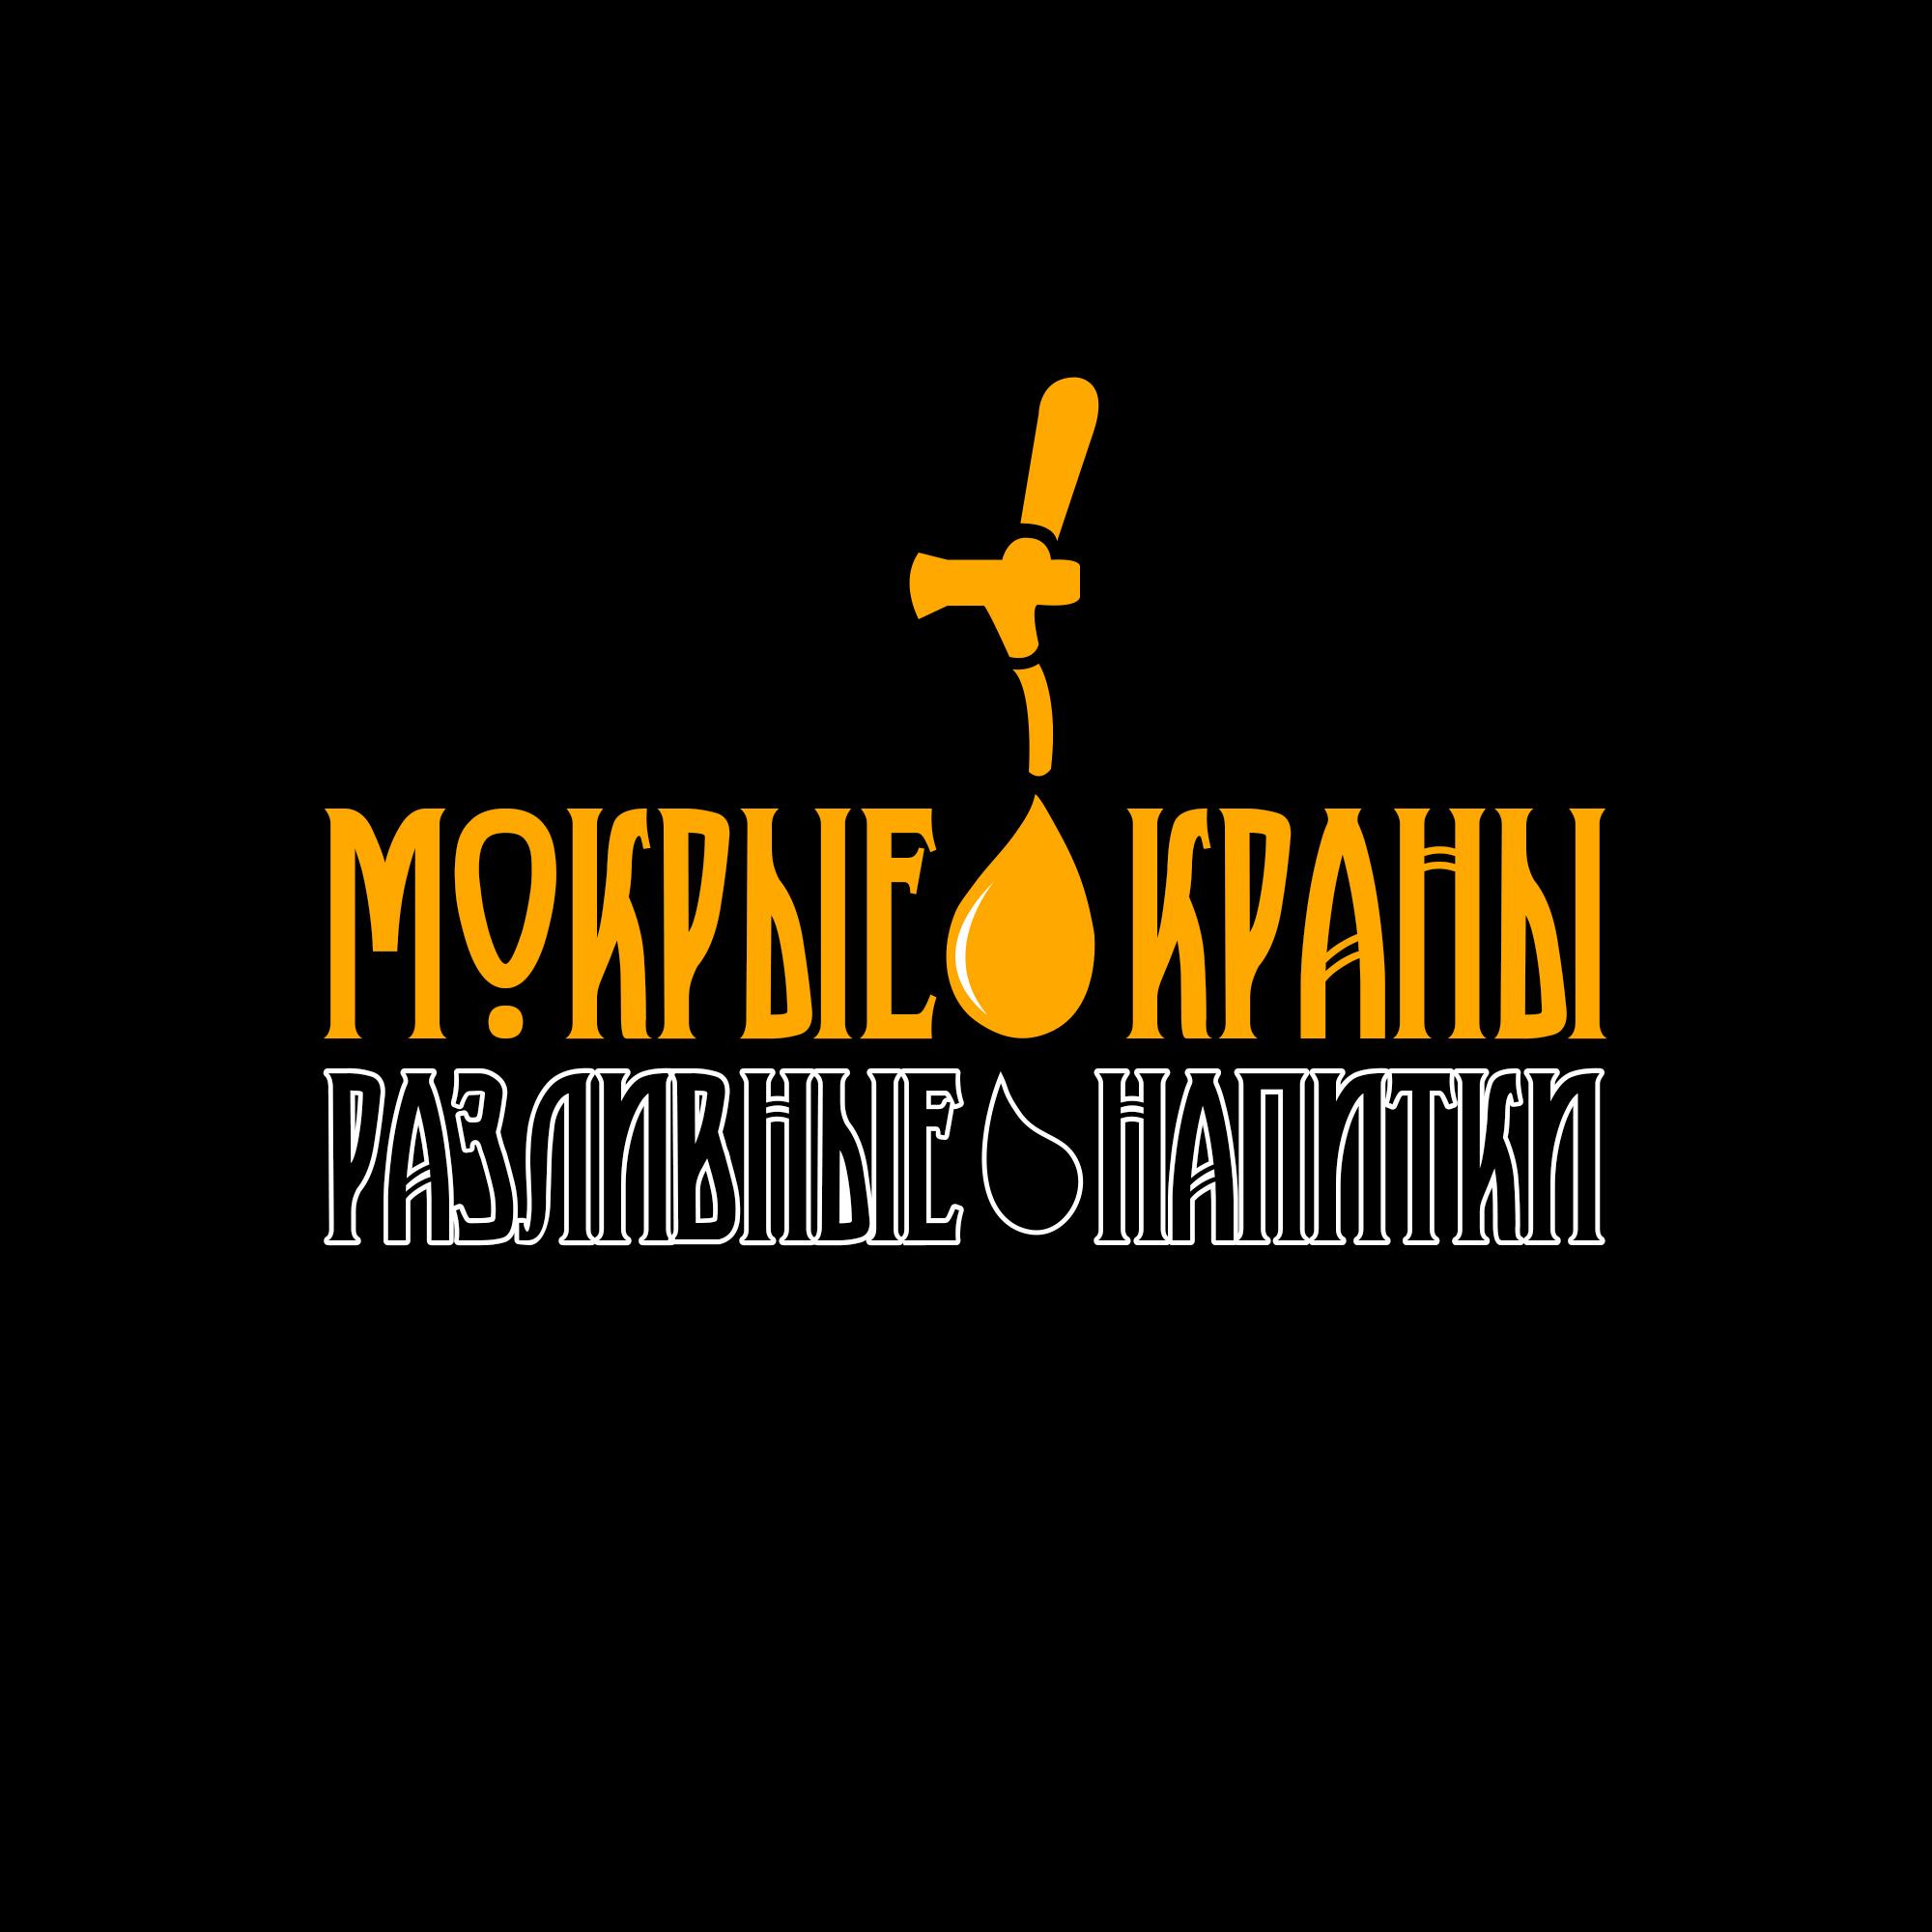 Вывеска/логотип для пивного магазина фото f_60160283d9903c92.jpg